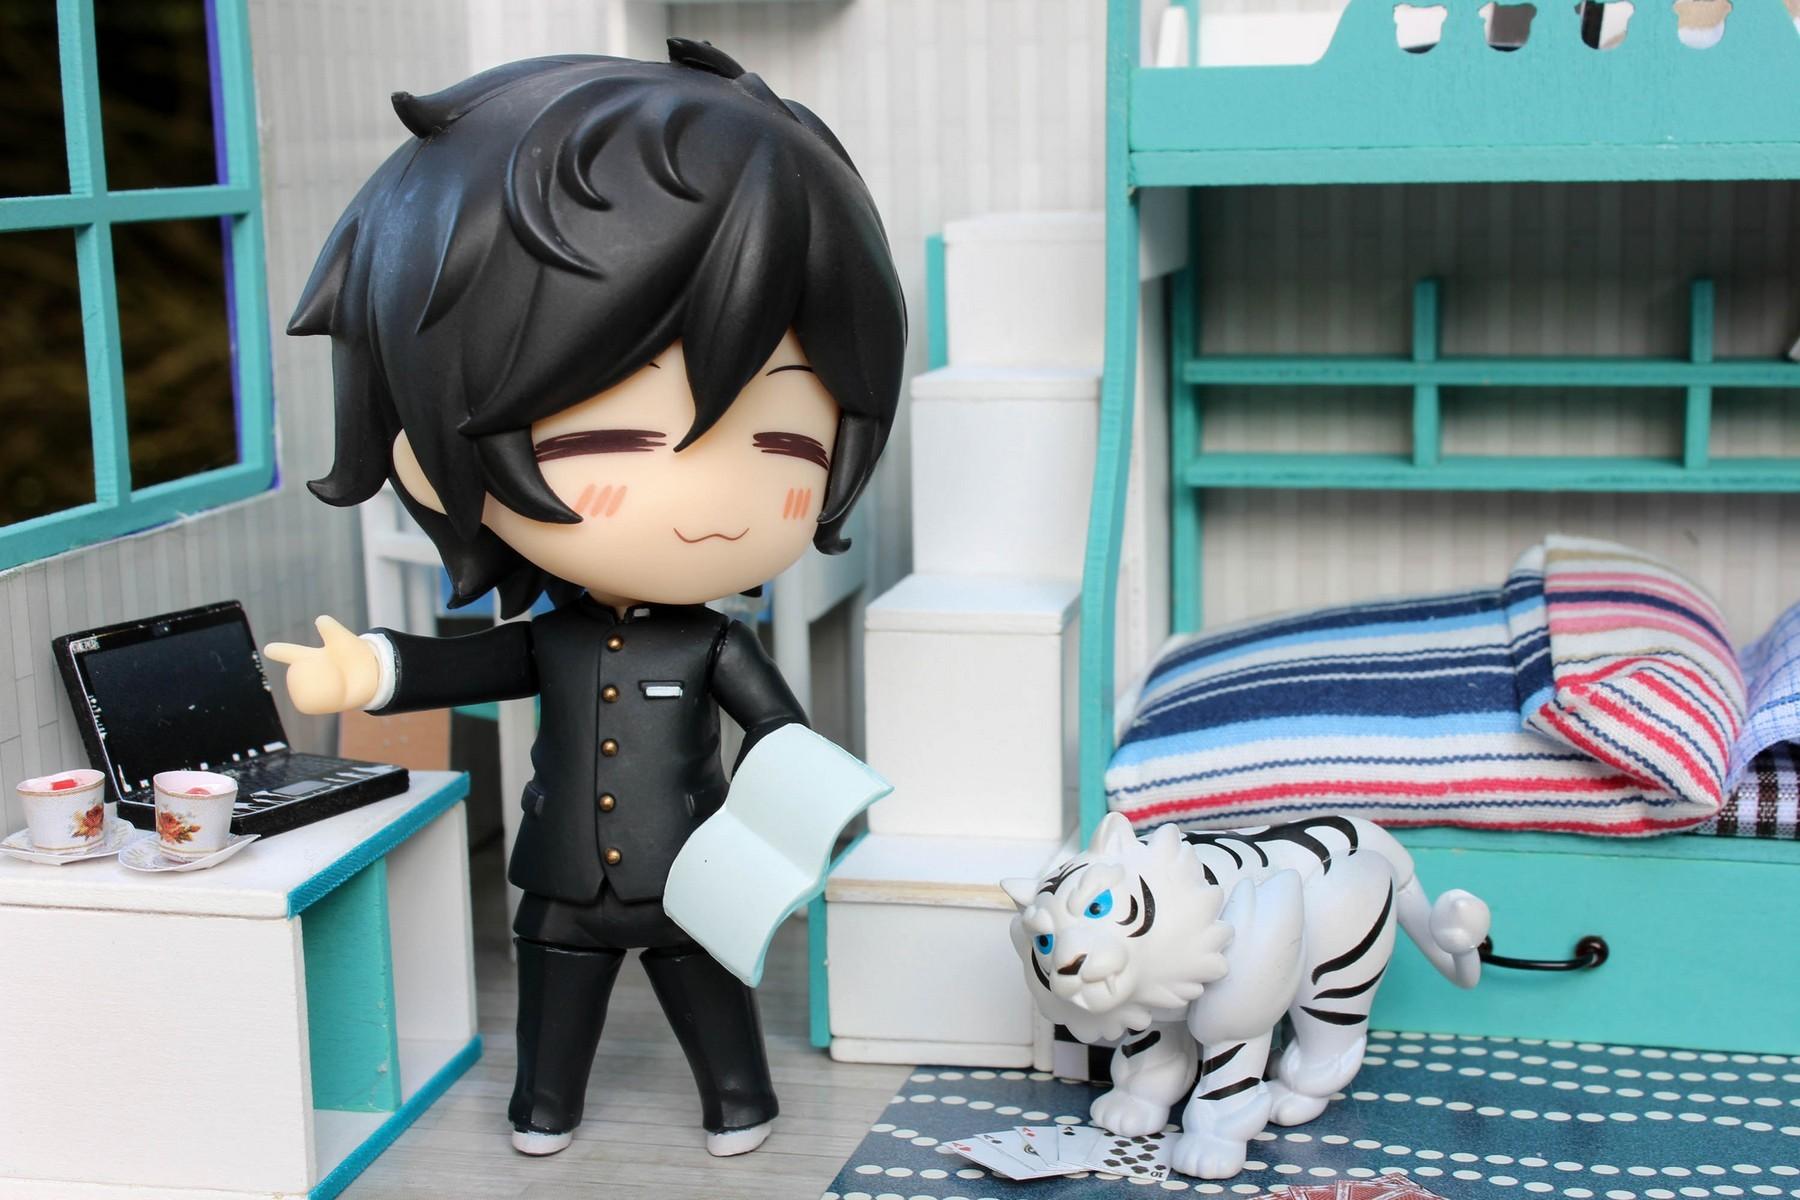 nendoroid good_smile_company nitroplus nendoron tomytec ushio_to_tora aotsuki_ushio shichibee hata_kenjirou devil_survivor_2_the_animation kuze_hibiki byakko sasaki_kai fujita_kazuhiro dmm.com mikazuki_munechika touken_ranbu_-_online katanashi arai_takahiro ichinose_futaba sore_ga_seiyuu! ikinone_korori miura_yuuichi furo_takuto